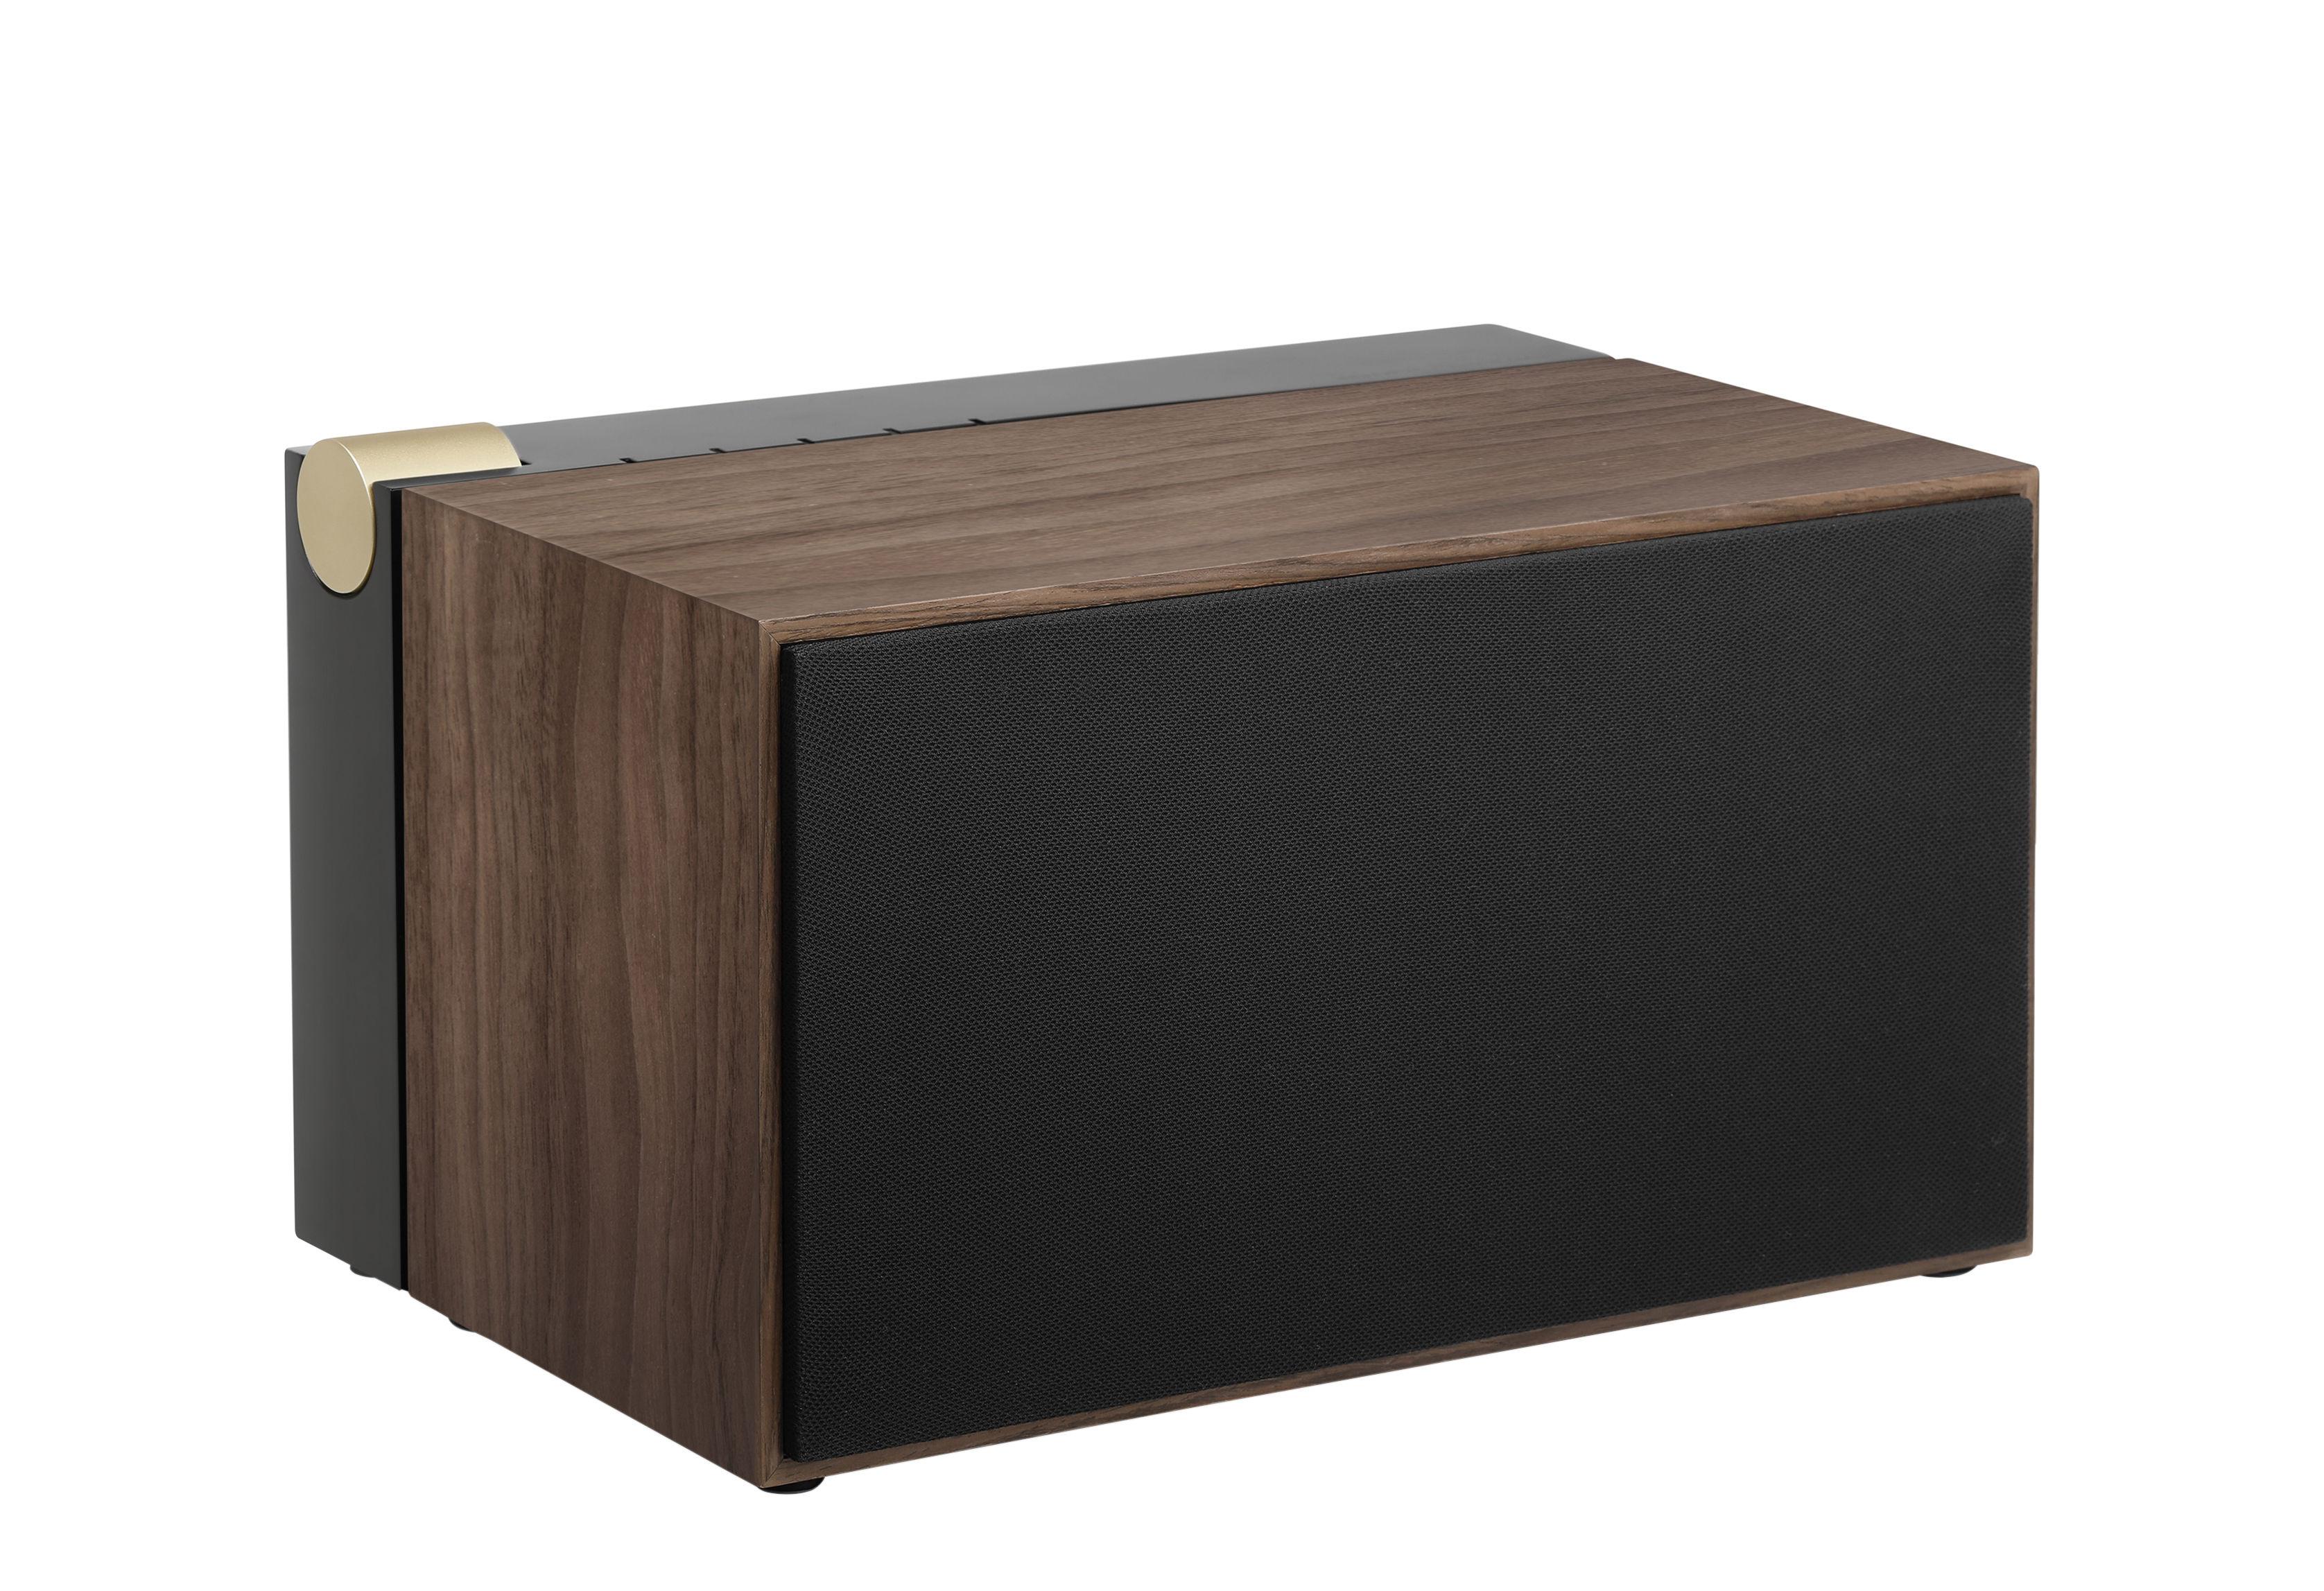 St-Valentin - Pour Lui - Enceinte Bluetooth PR 01 / Avec technologie Active Pression Reflex - La Boîte Concept - Noir & noyer - Aluminium, Bois multiplis, MDF, Noyer naturel, Tissu